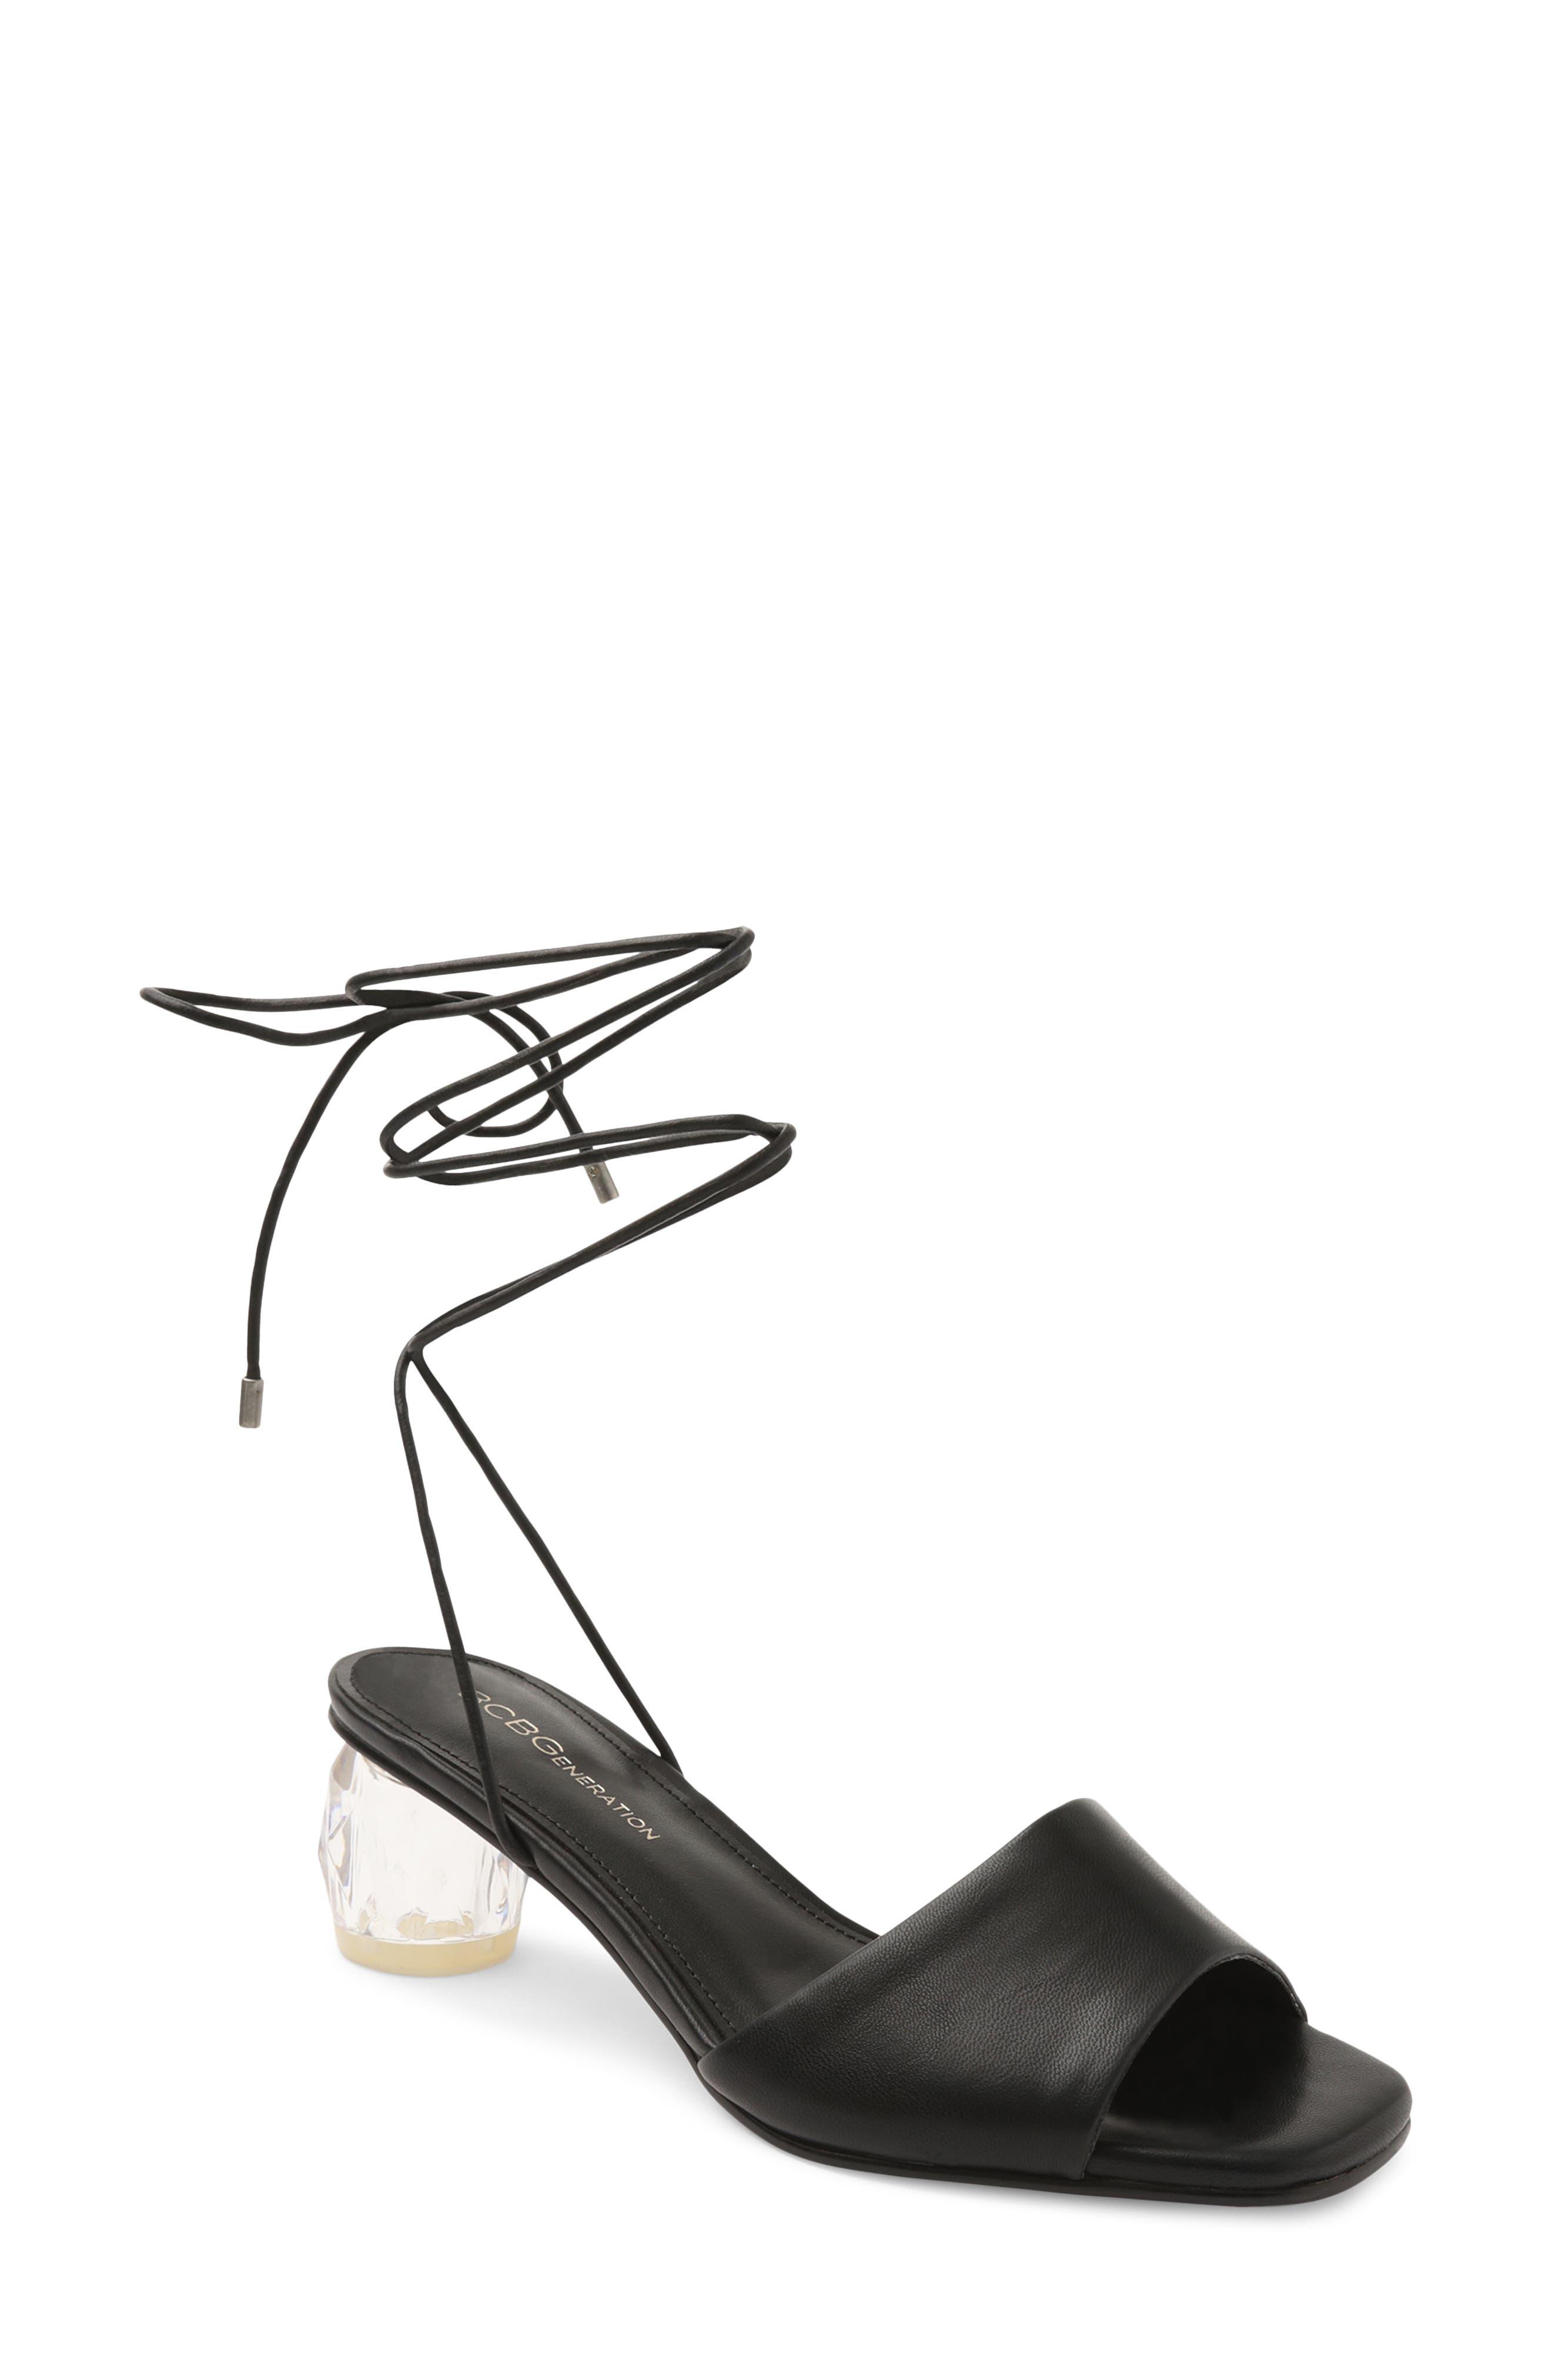 Moxia Ankle Strap Sandal